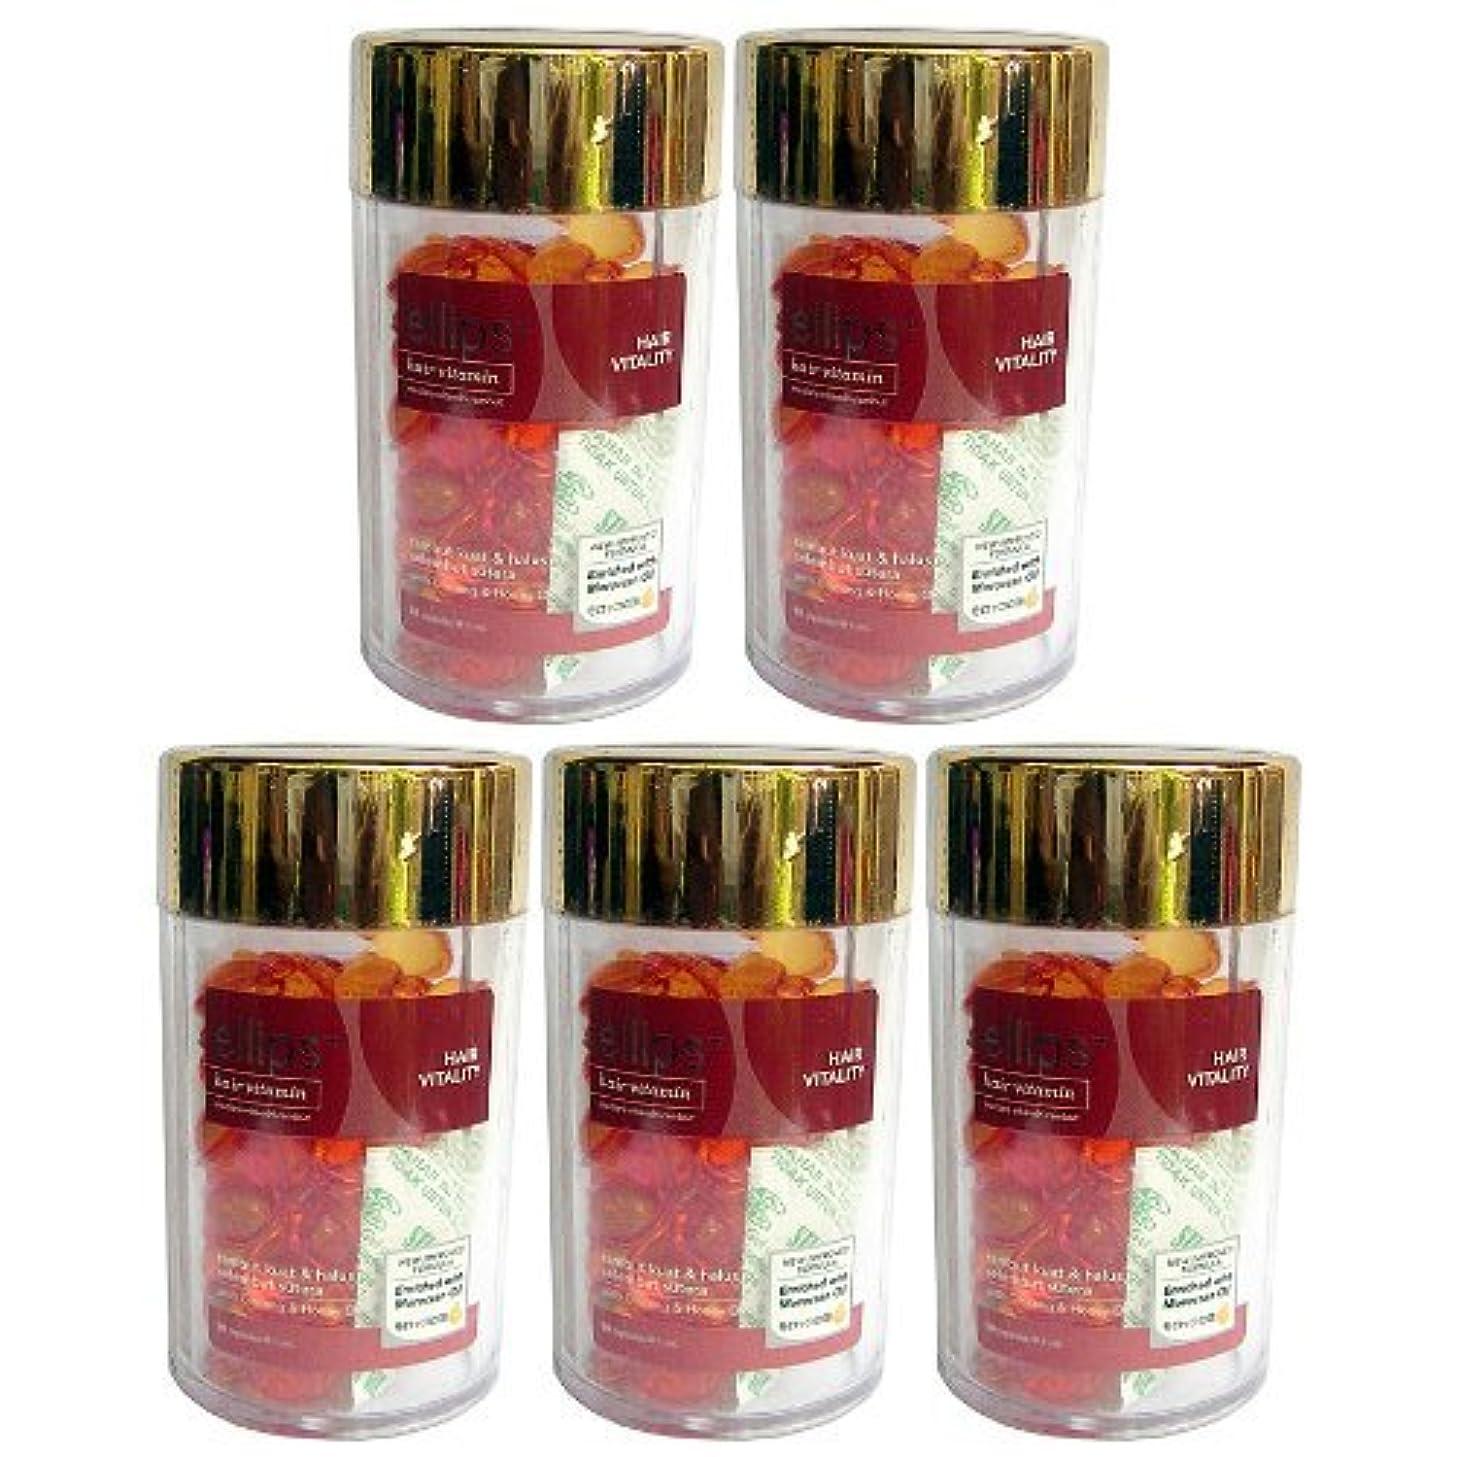 生態学ビームアラスカエリップスellipsヘアビタミン洗い流さないヘアトリートメント50粒入ボトル5本組(海外直送品)(並行輸入品) (オレンジ5本)